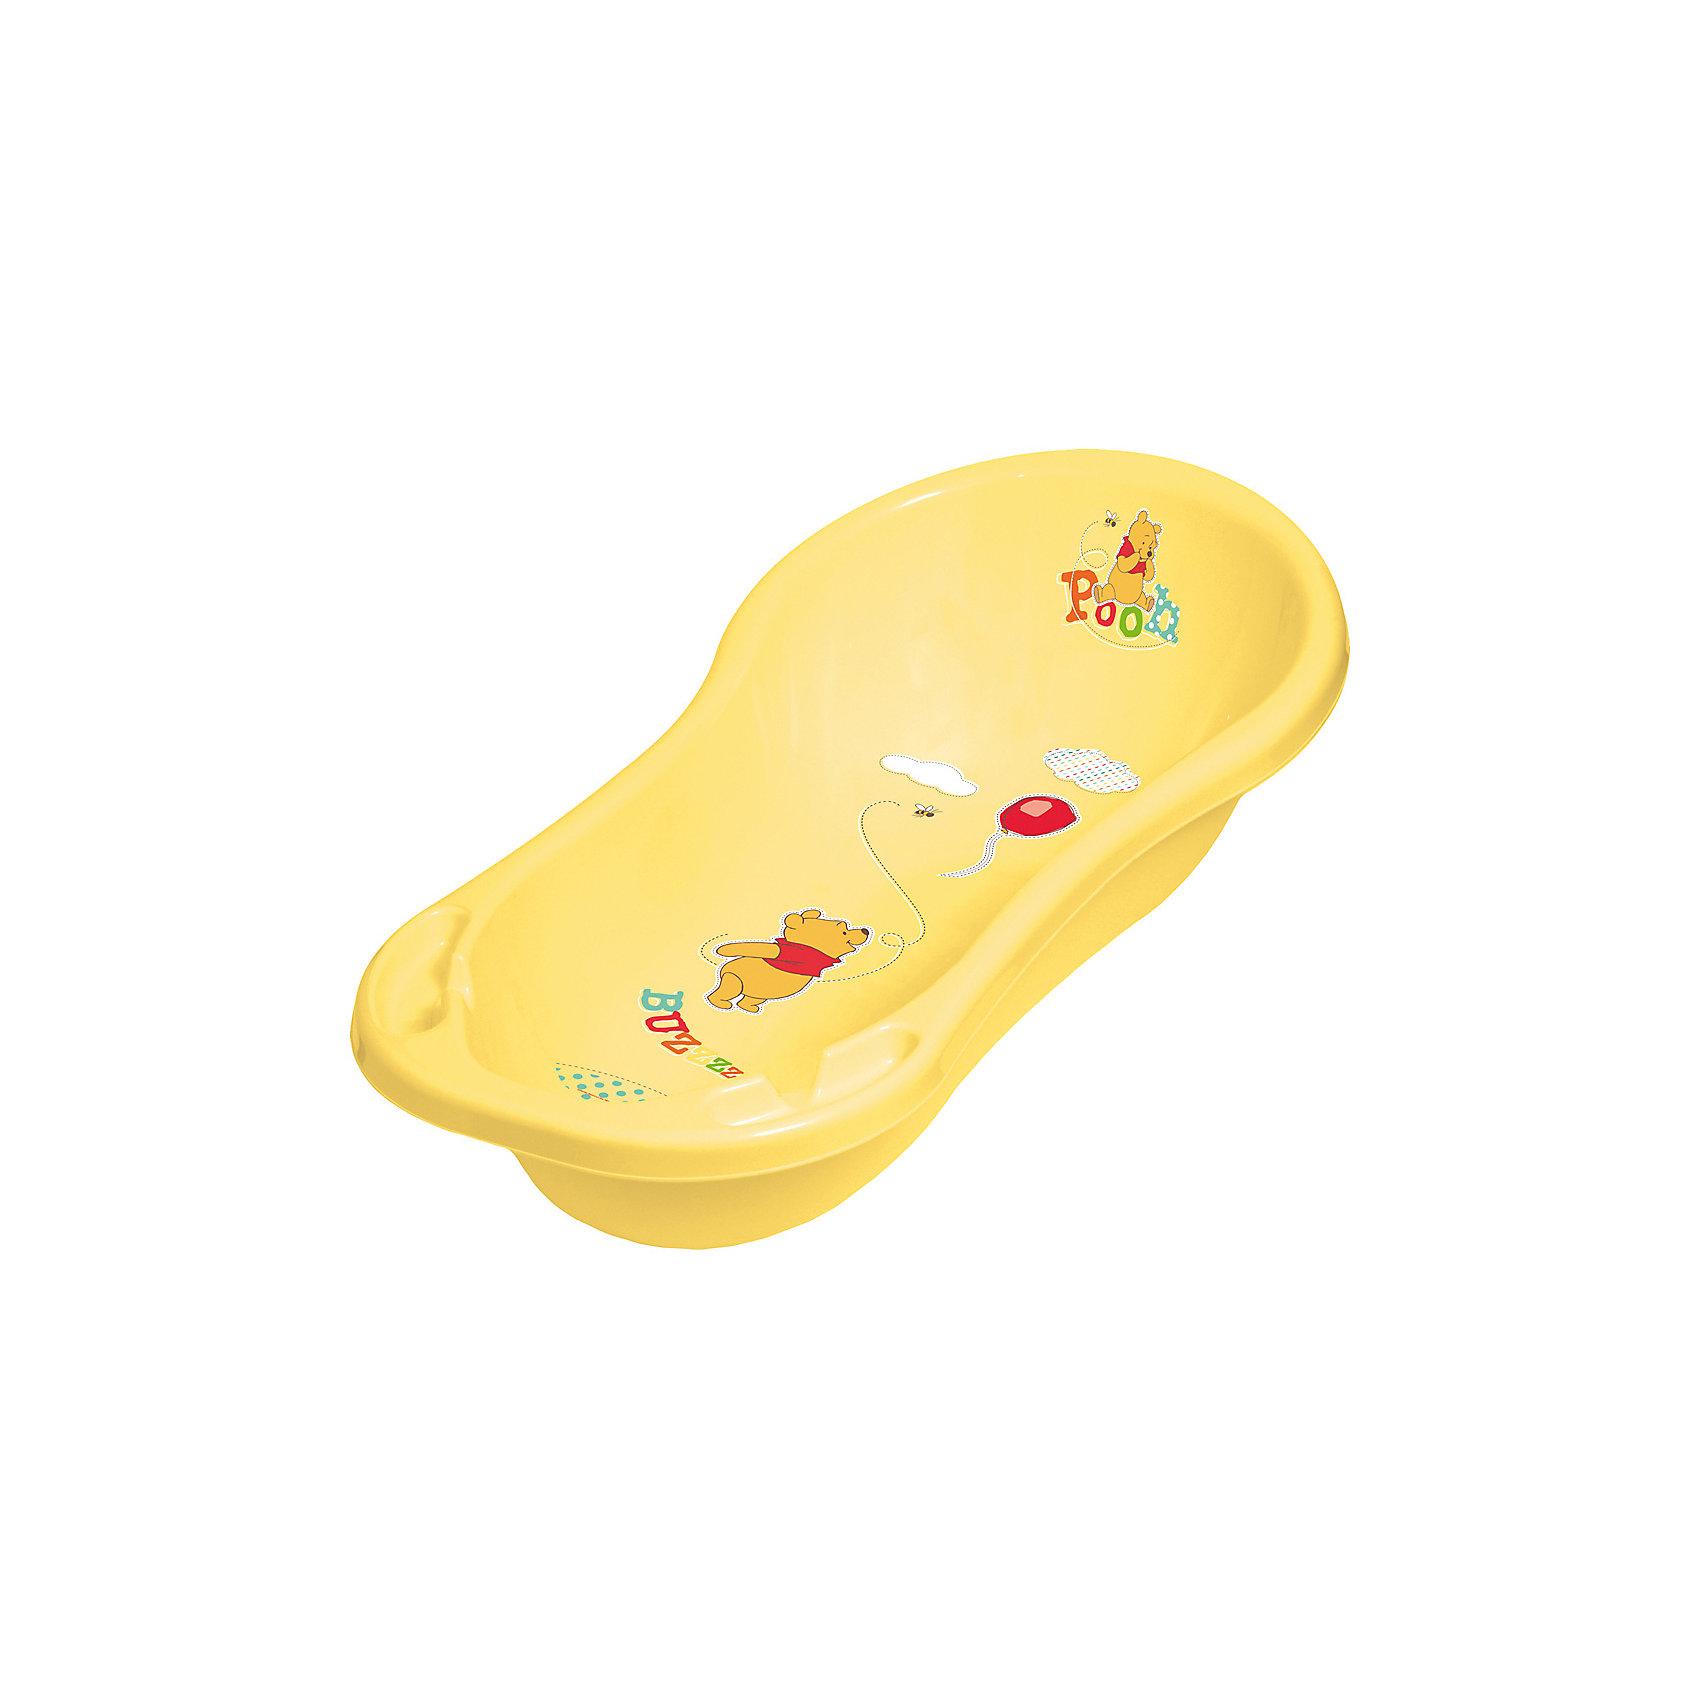 Ванна со сливом 100 см., DISNEY Винни Пух, желтый (OKT kids)